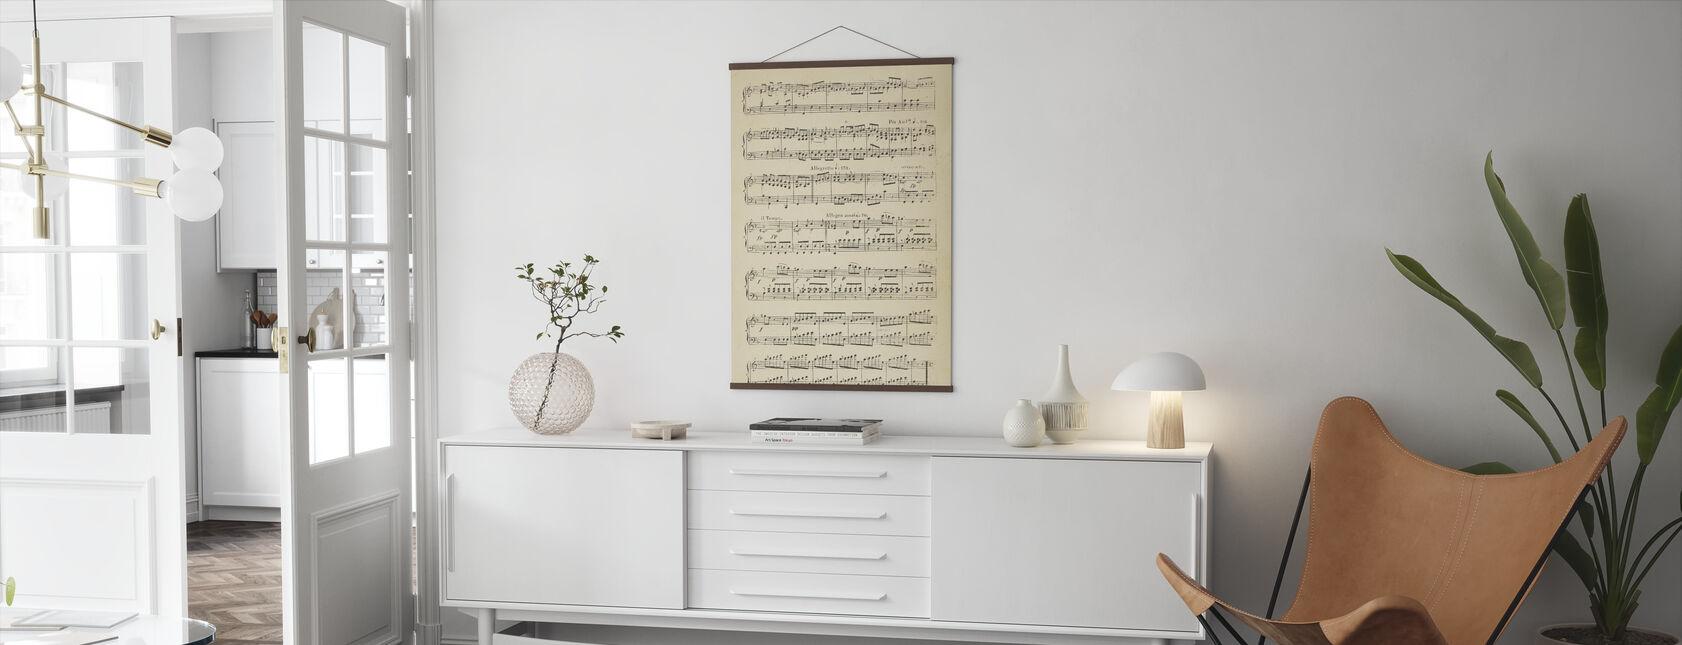 Musikaaliset nuotit osa 2 - Juliste - Olohuone